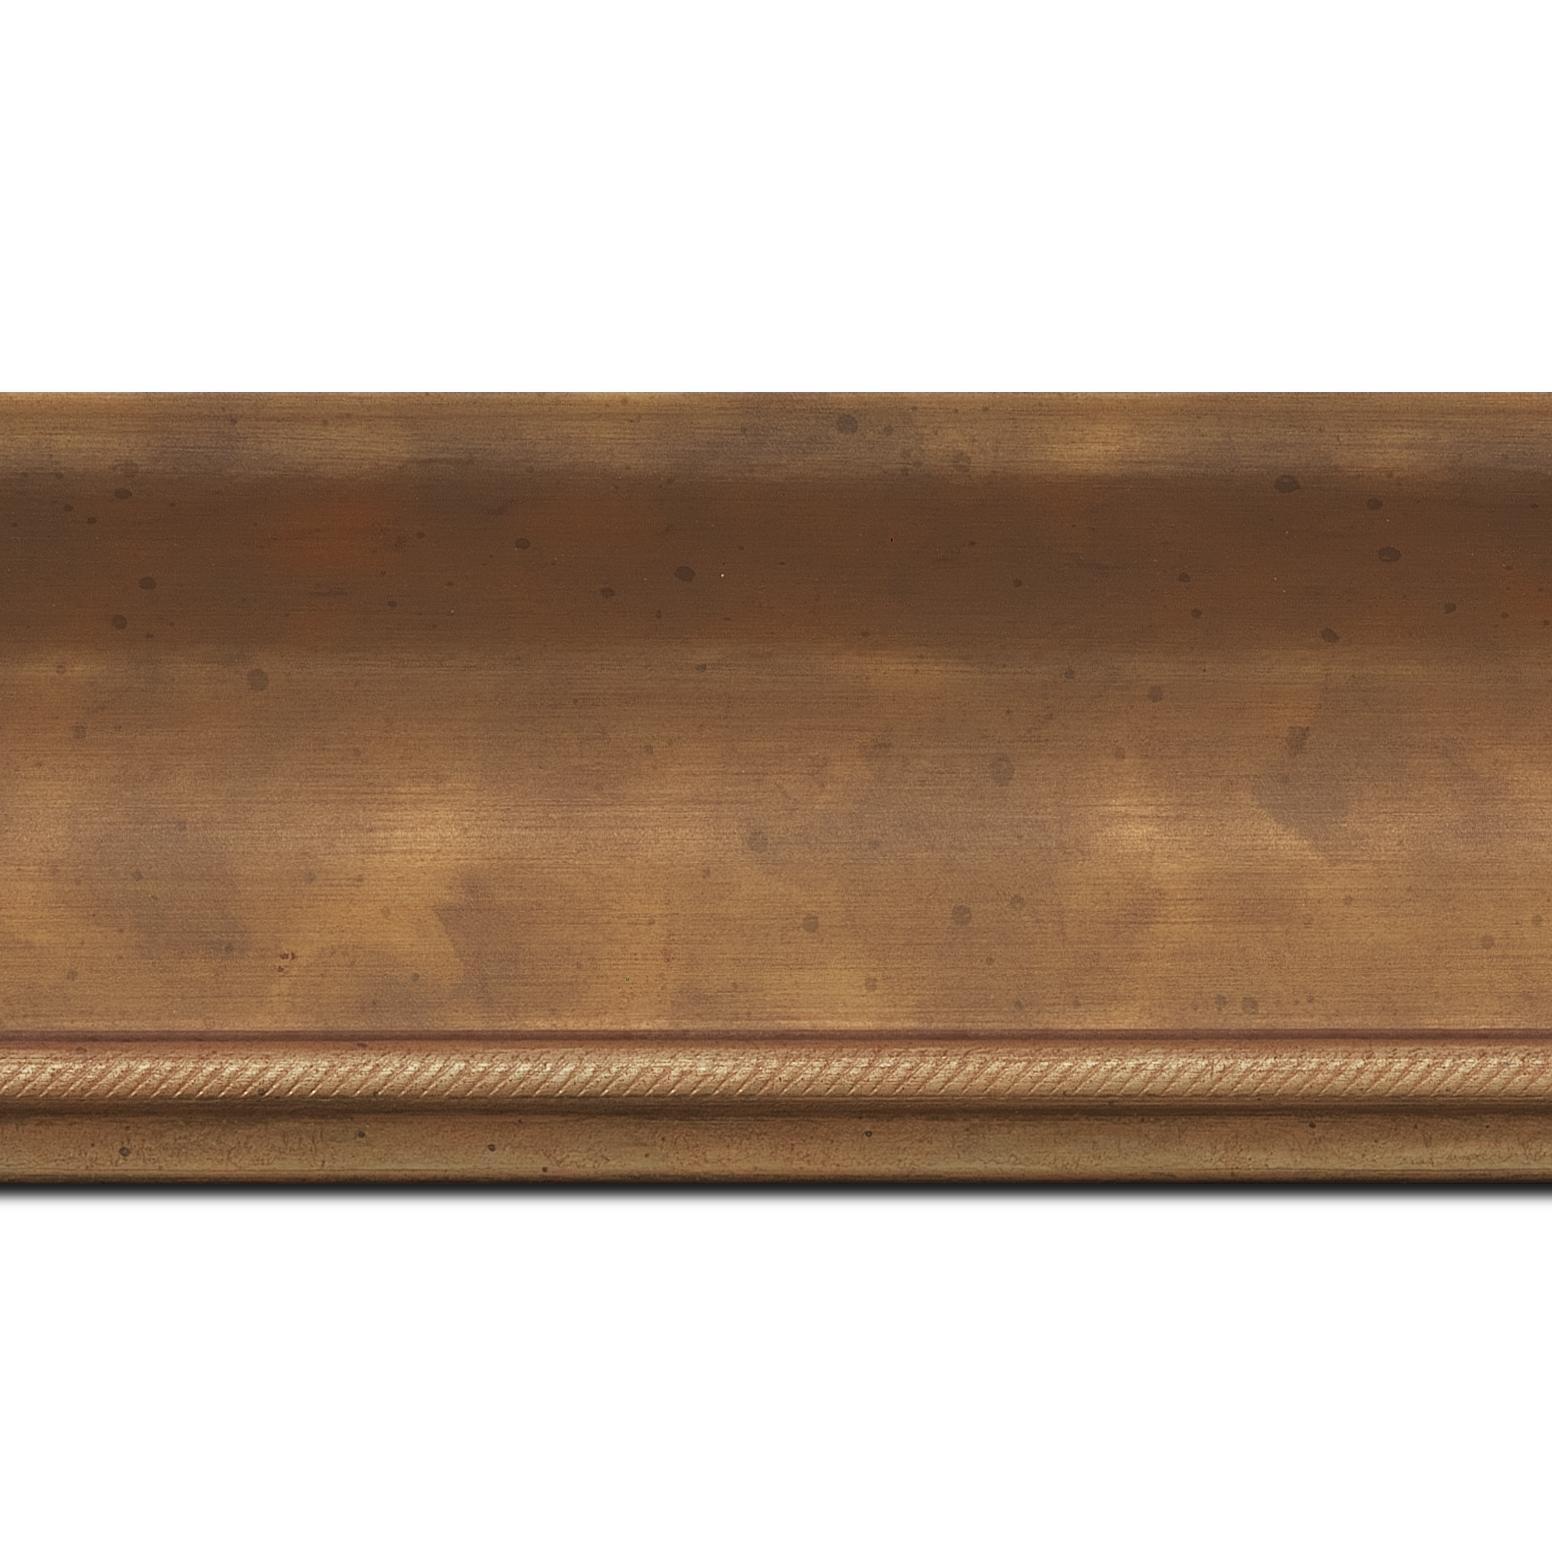 Baguette longueur 1.40m bois profil incurvé largeur 7.5cm de couleur or finition antique filet or